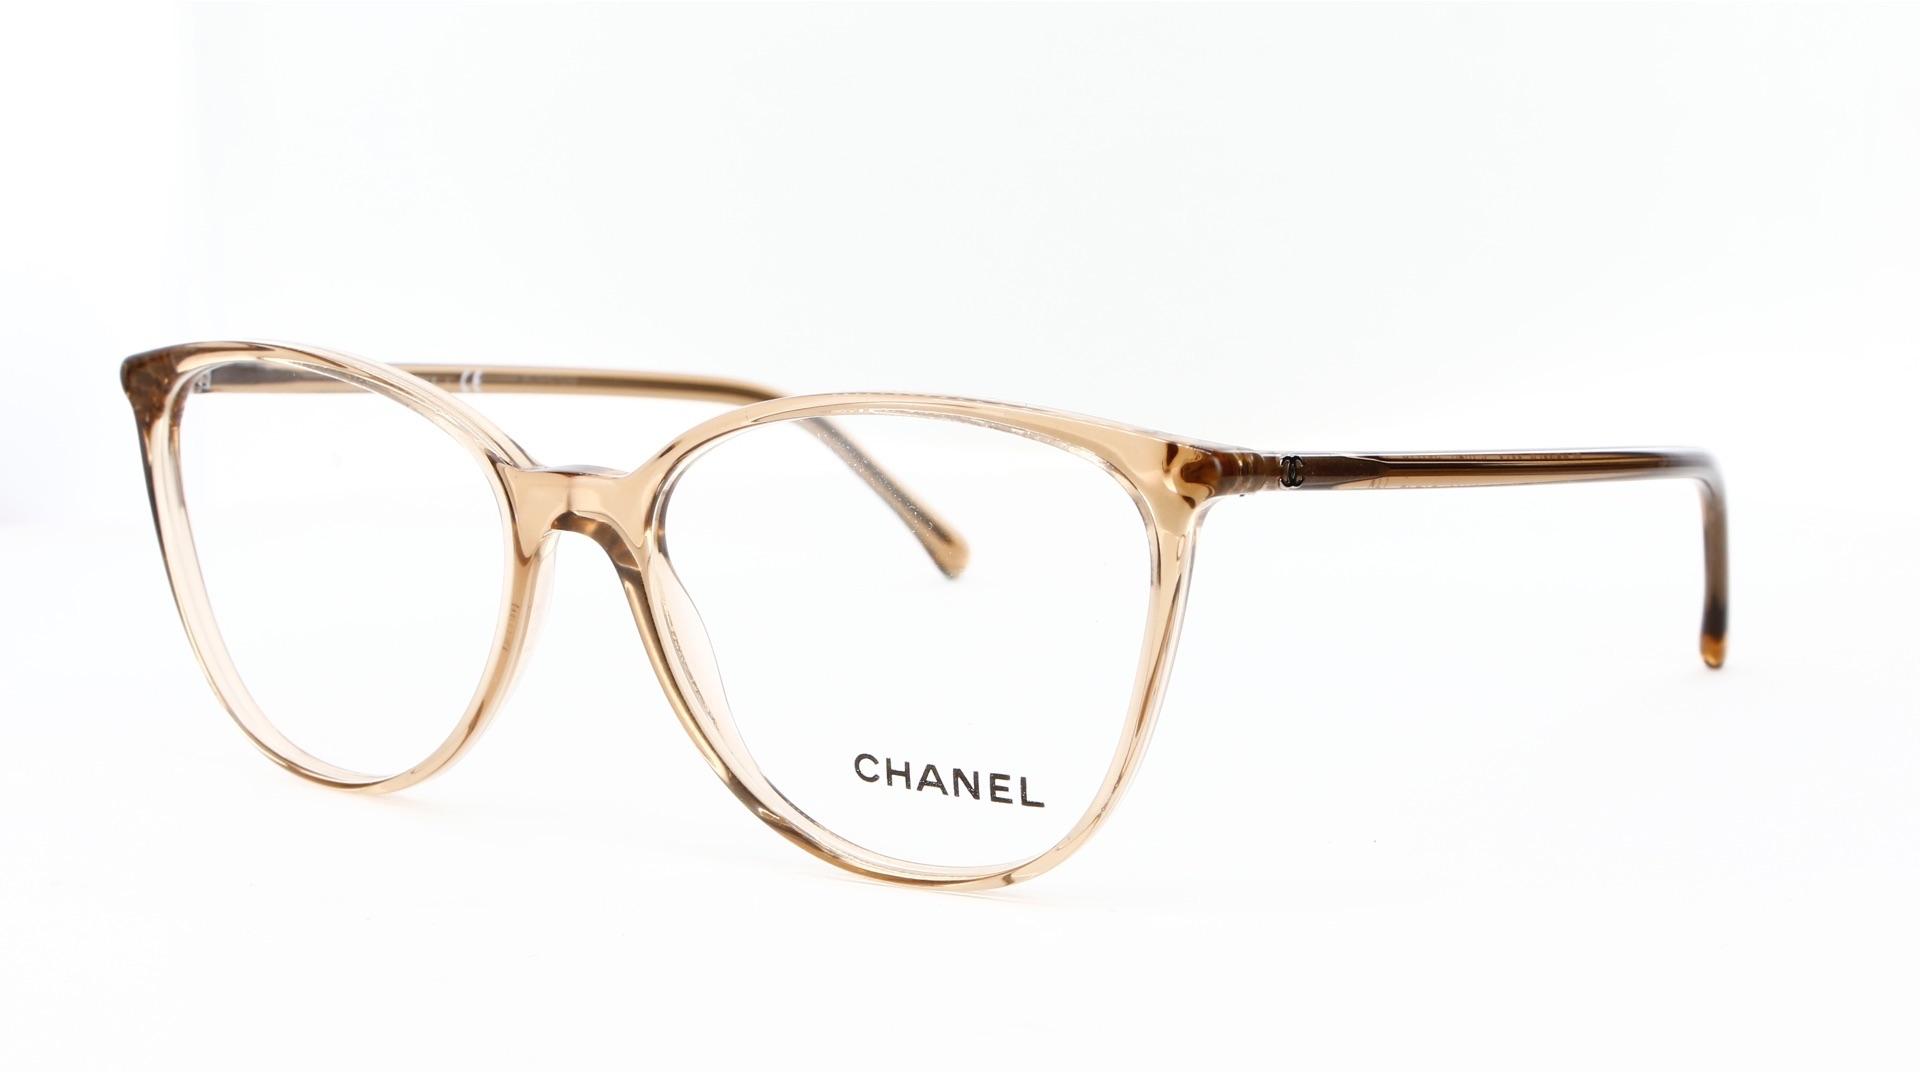 Chanel - ref: 80716